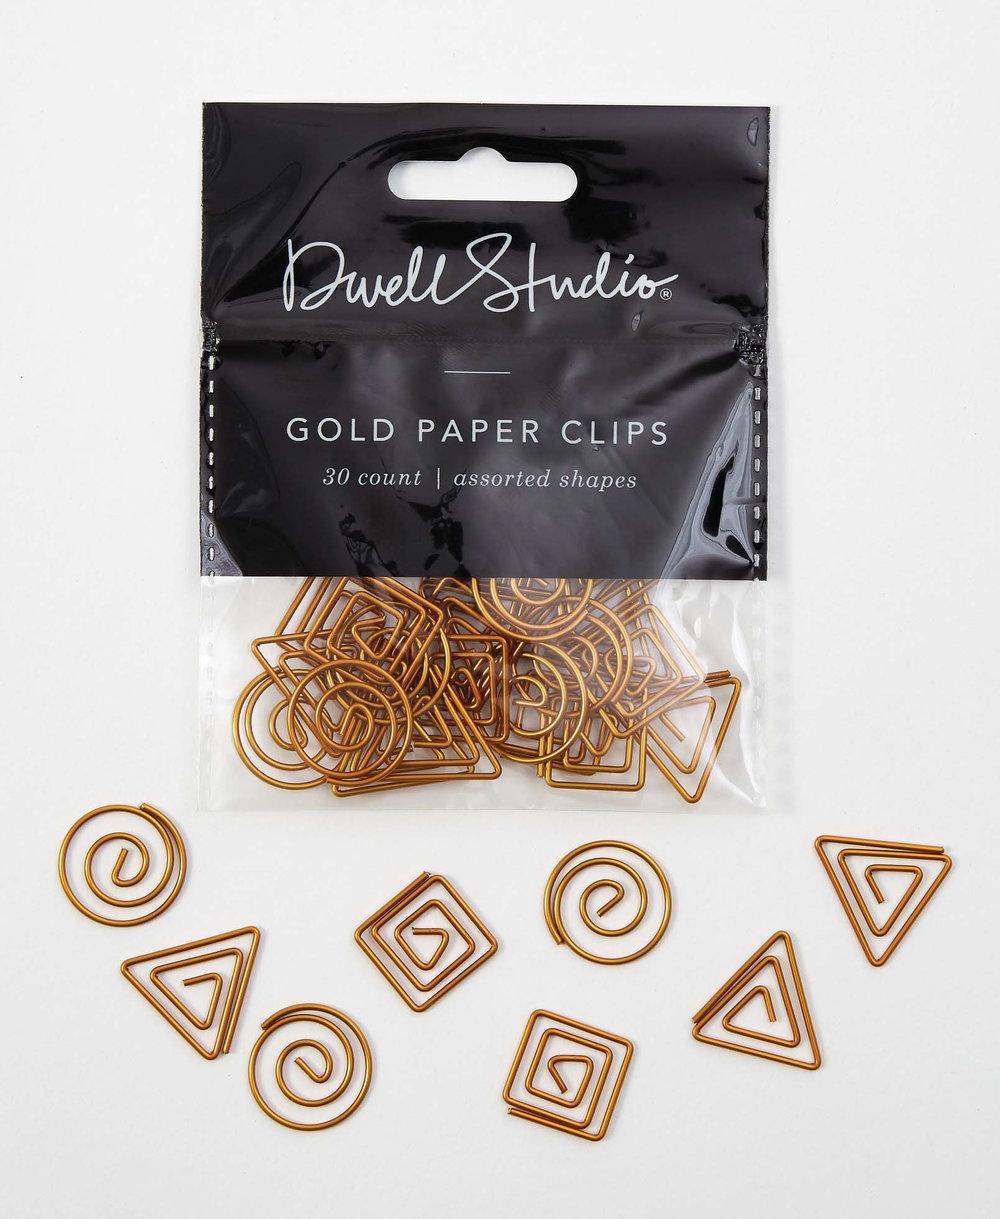 DS gold paper clips 30 pk asst.jpg